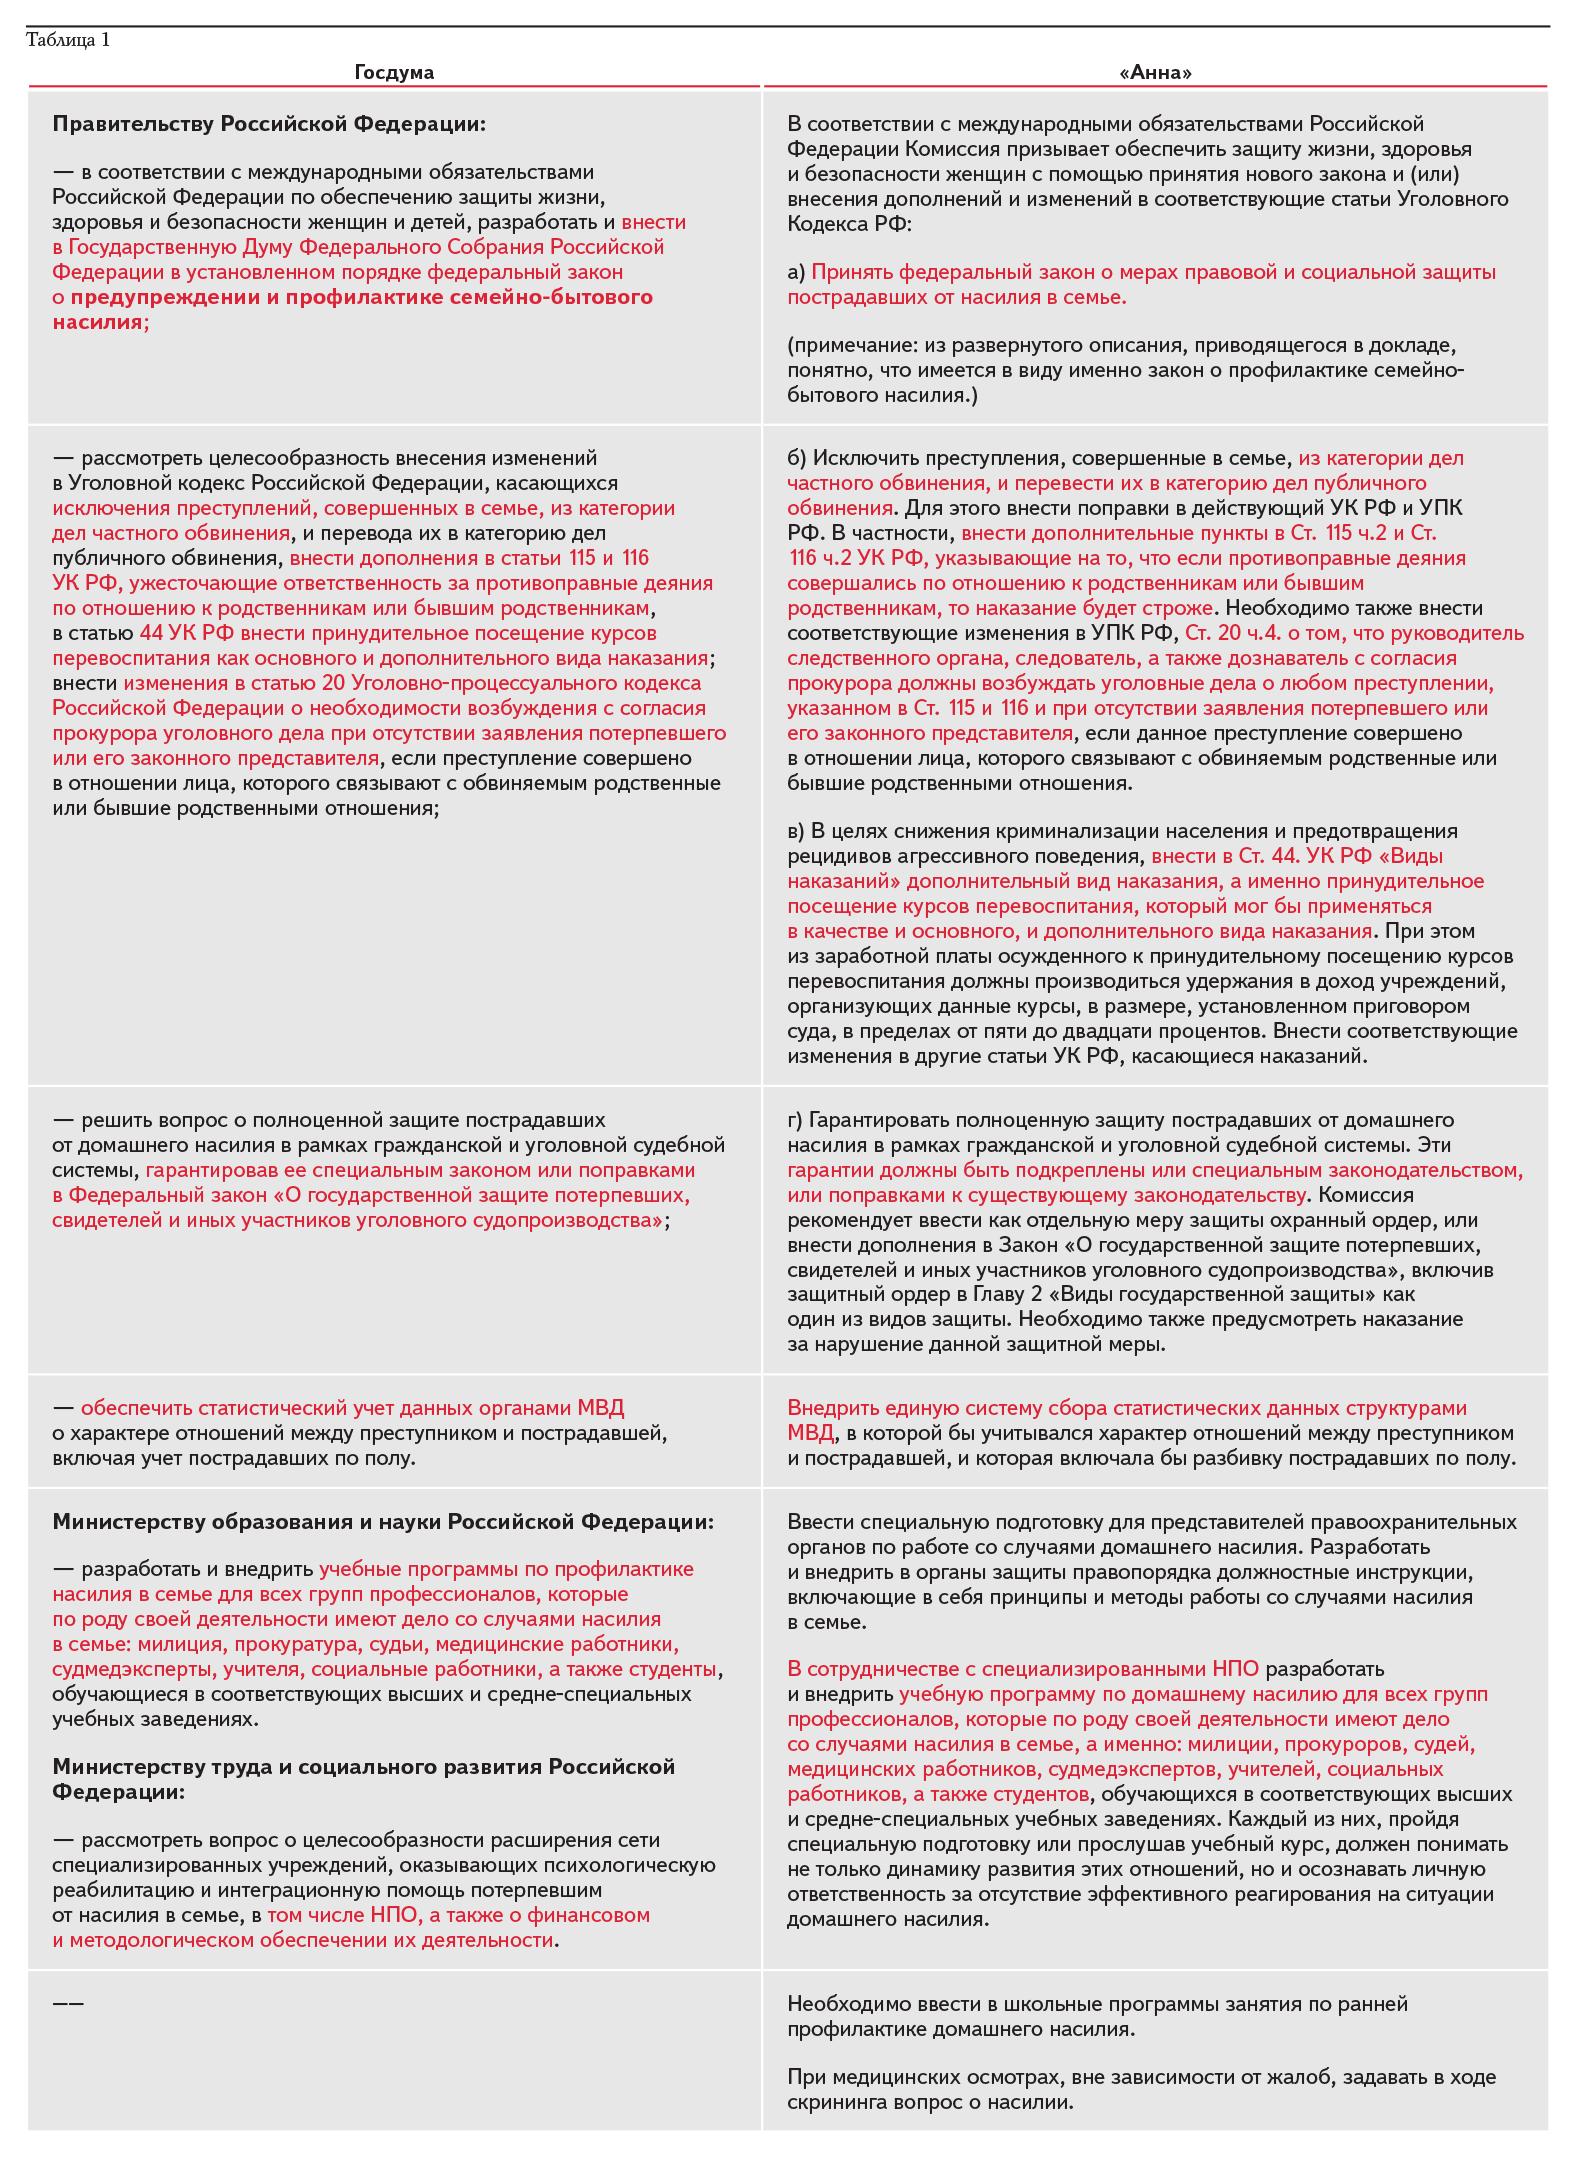 ювенальная юстиция, разрушение семьи, обман Анатомия манипуляции: формирование антисемейных мифов